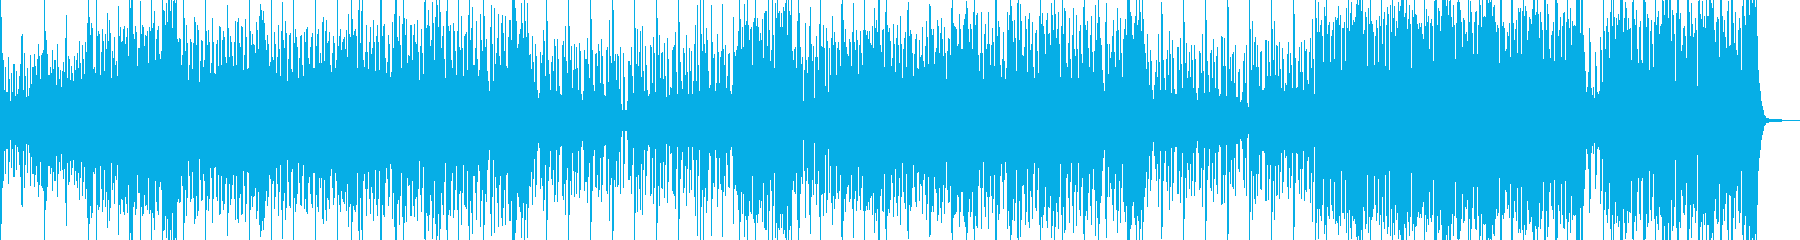 夏を盛り上げるコミカルレゲェ ブラス有Aの再生済みの波形